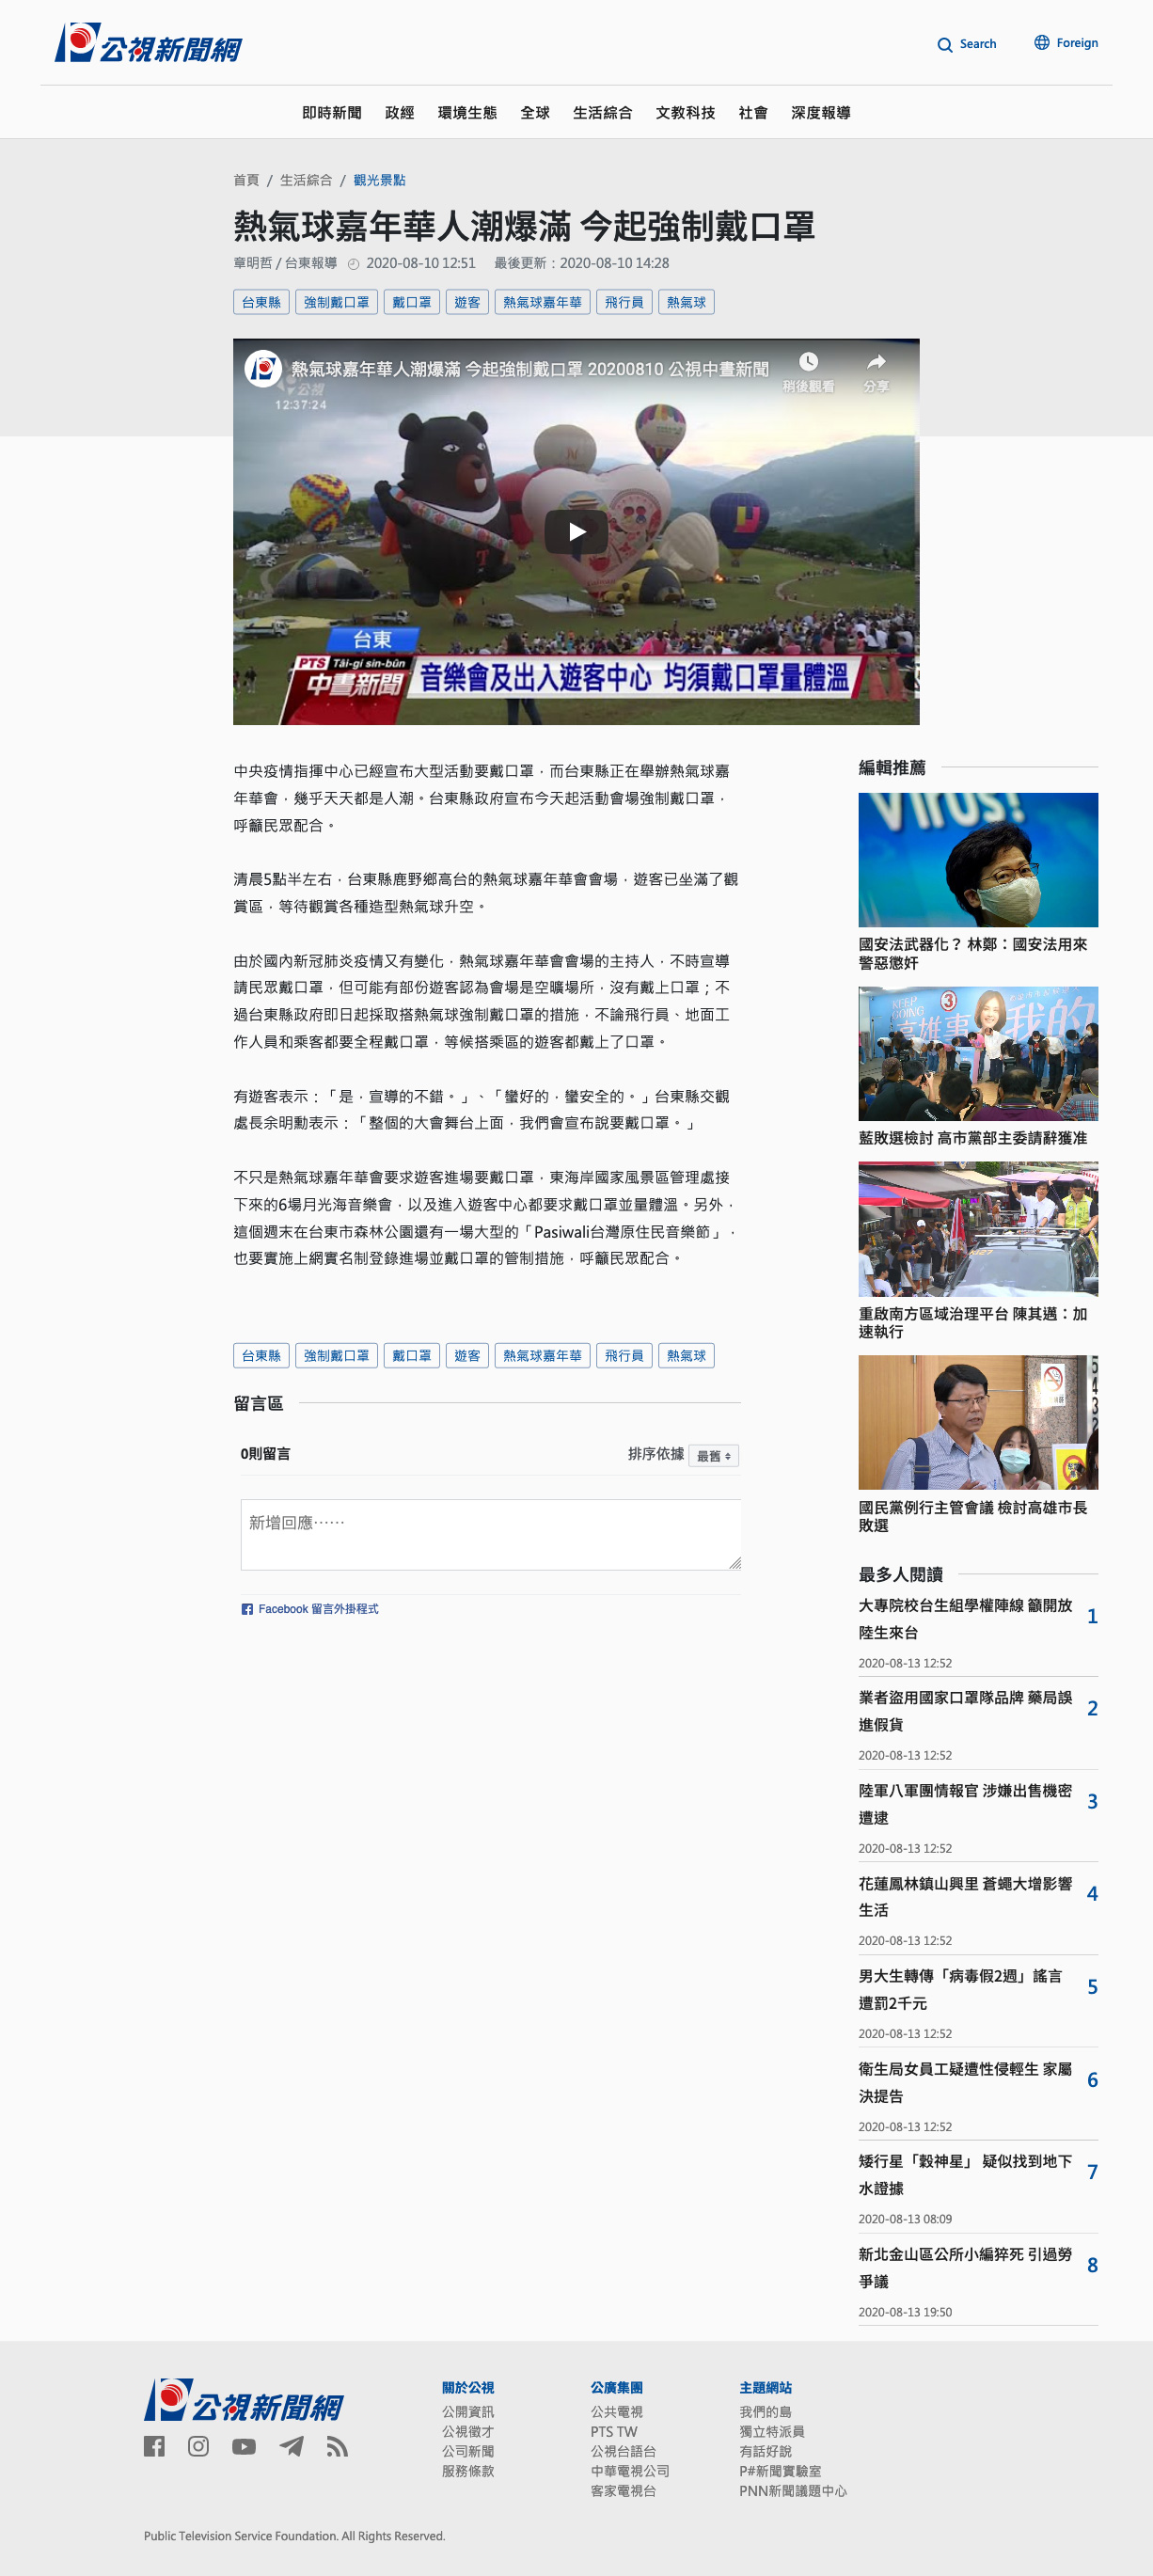 公視新聞網